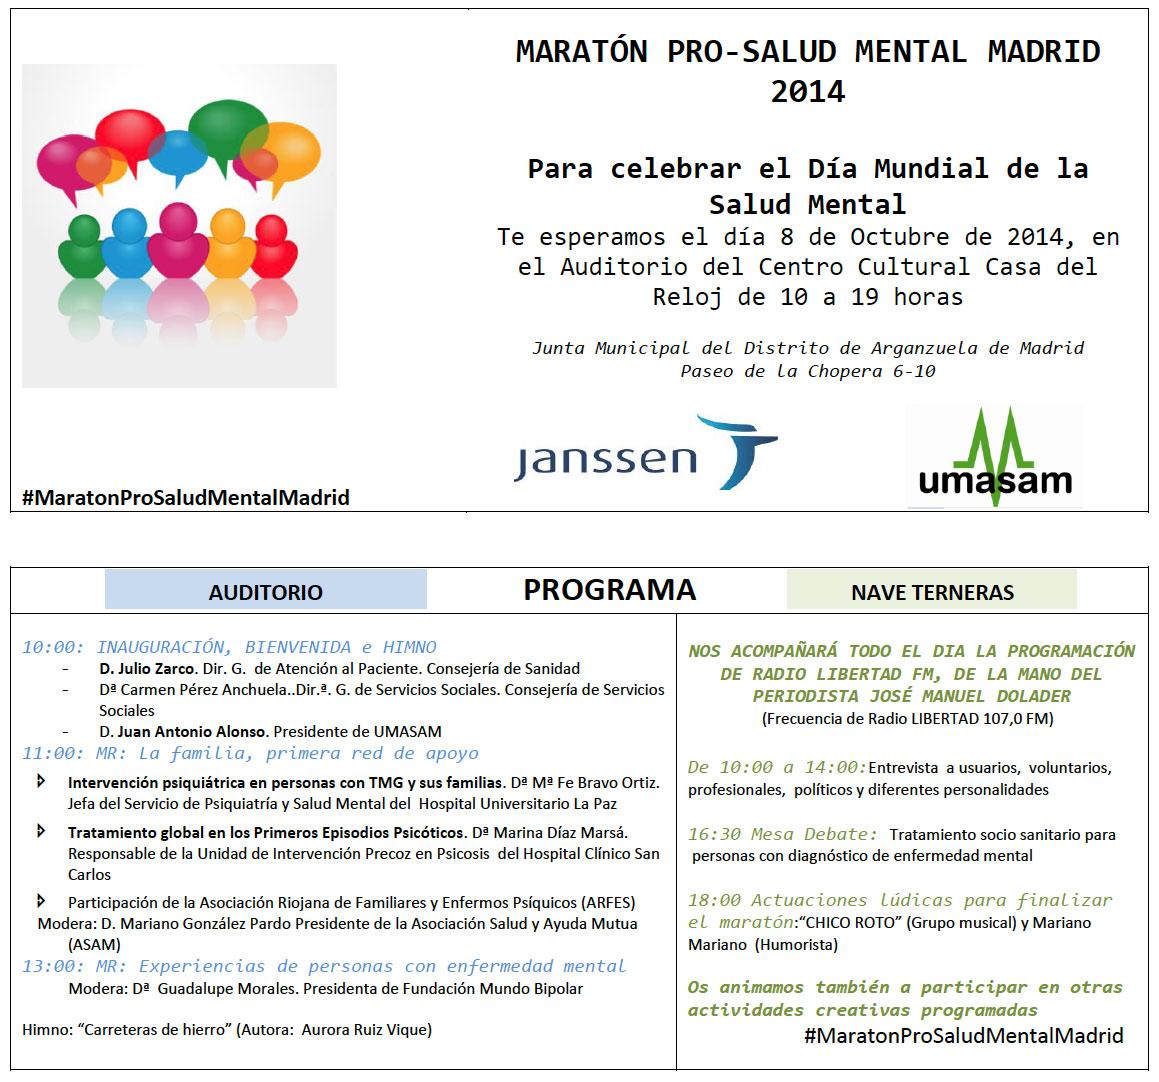 Día Mundial de Salud Mental 2014 de UMASAM